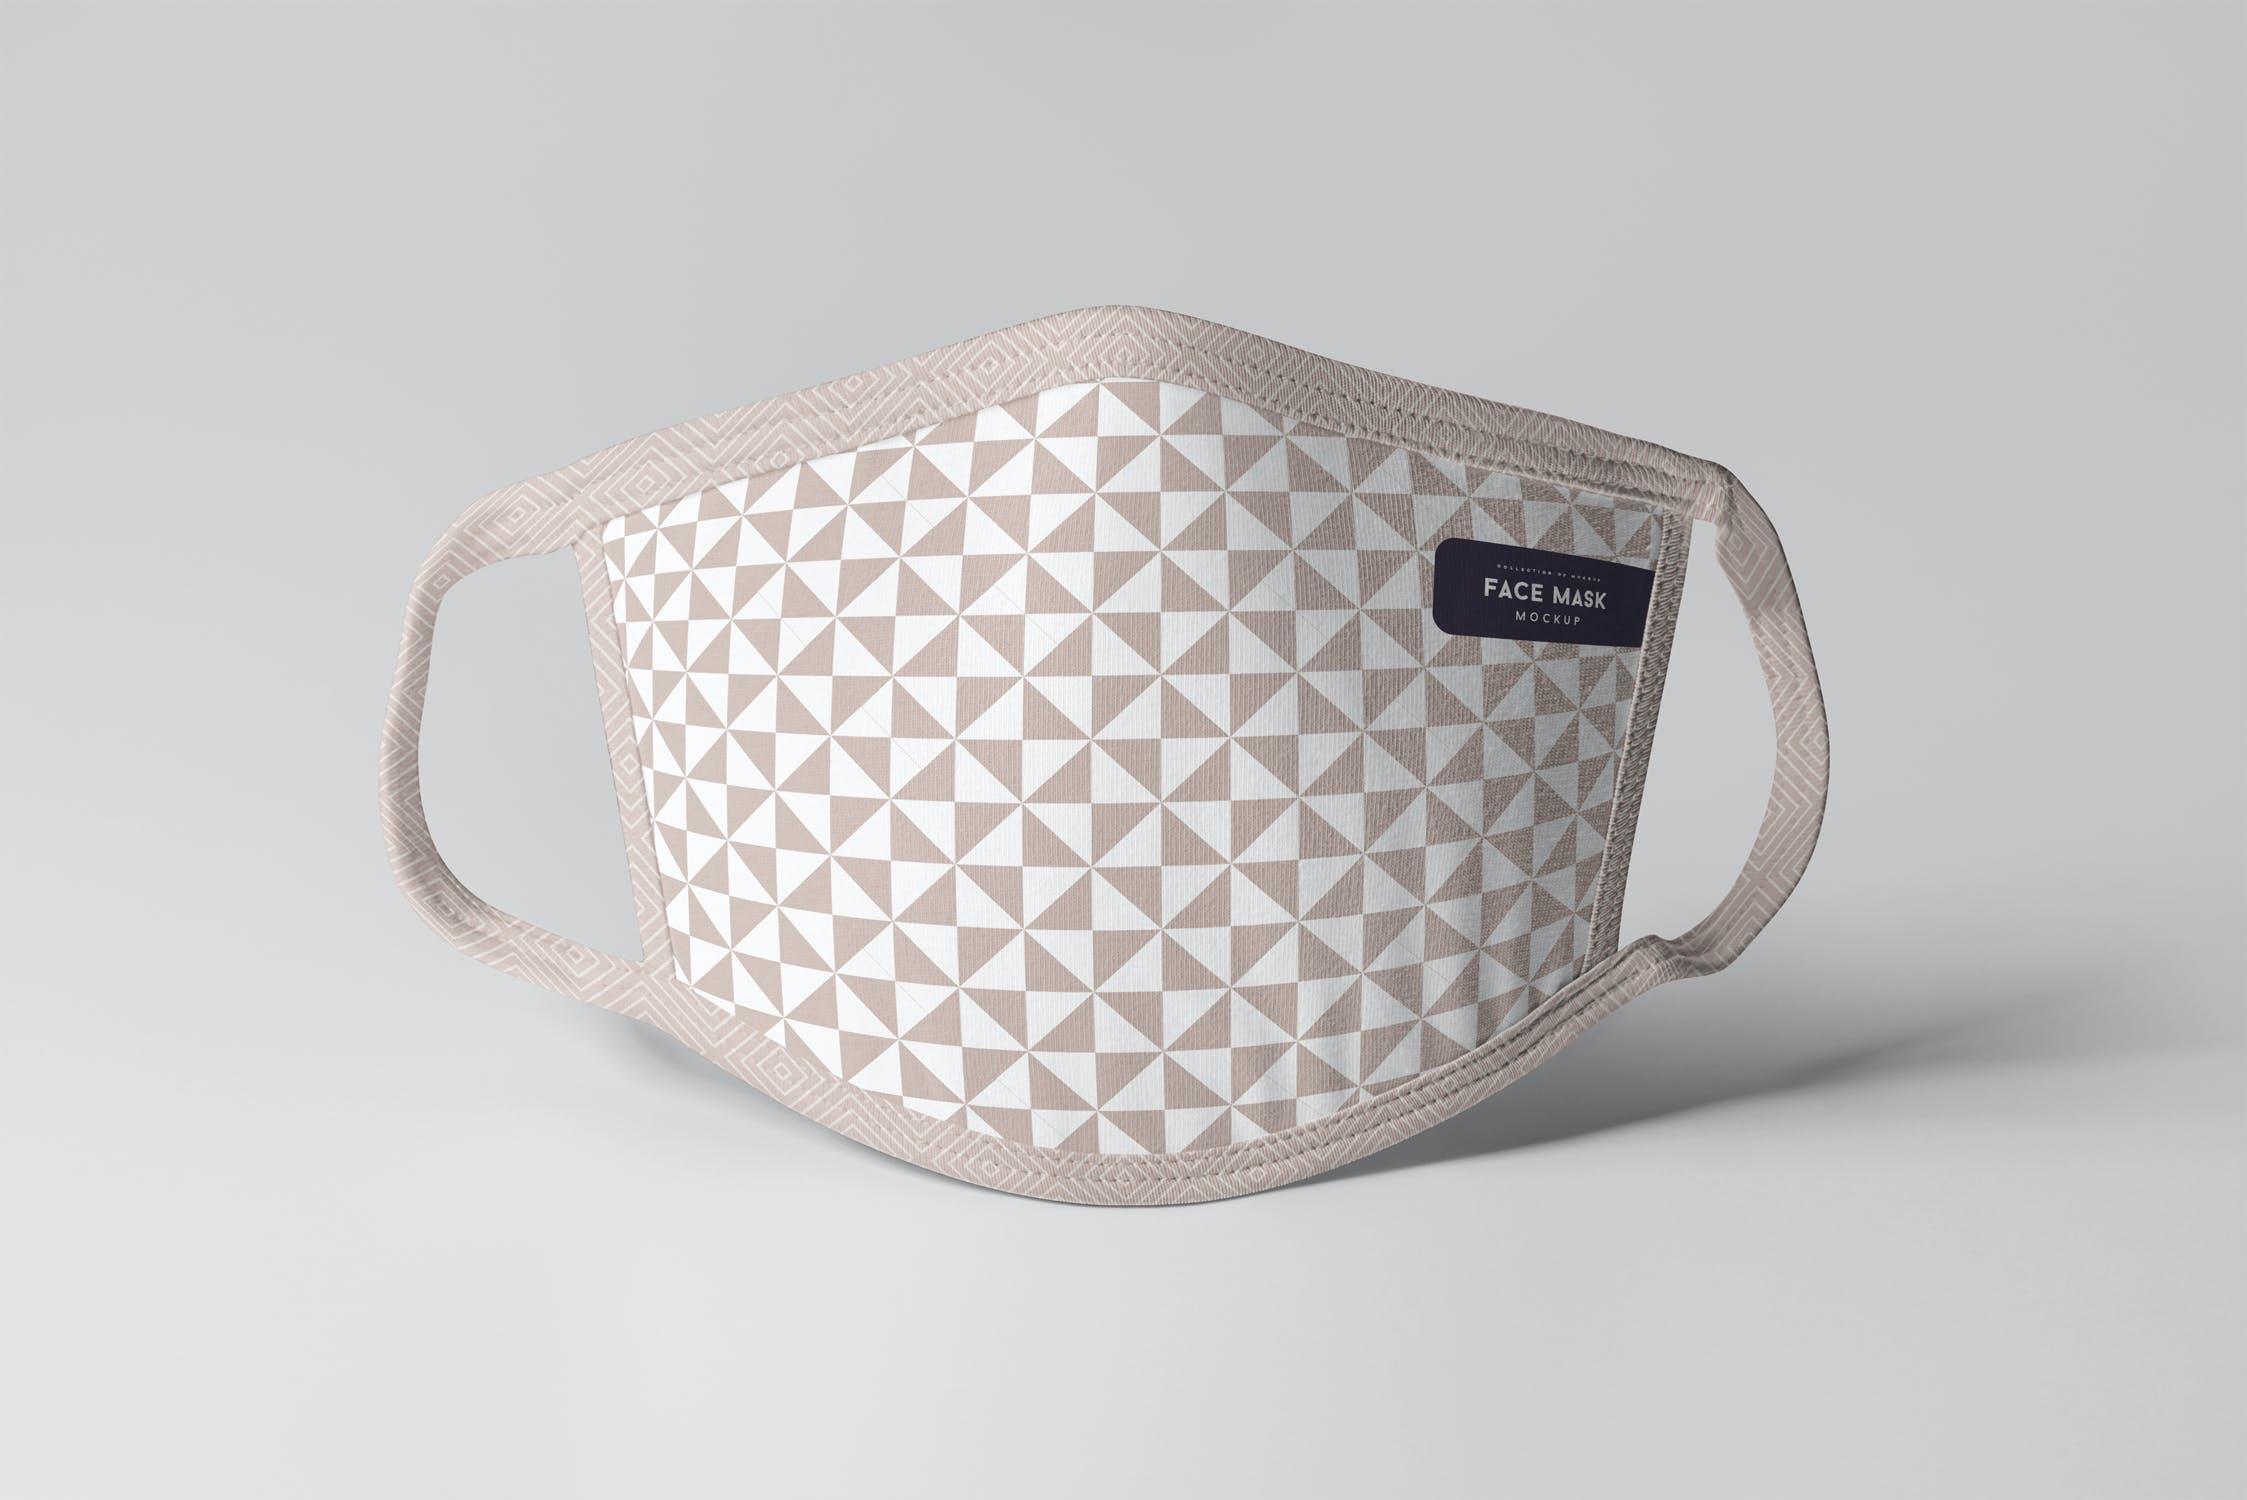 8款防护面罩口罩印花设计展示样机PSD模板 Face Mask Mockup插图(8)